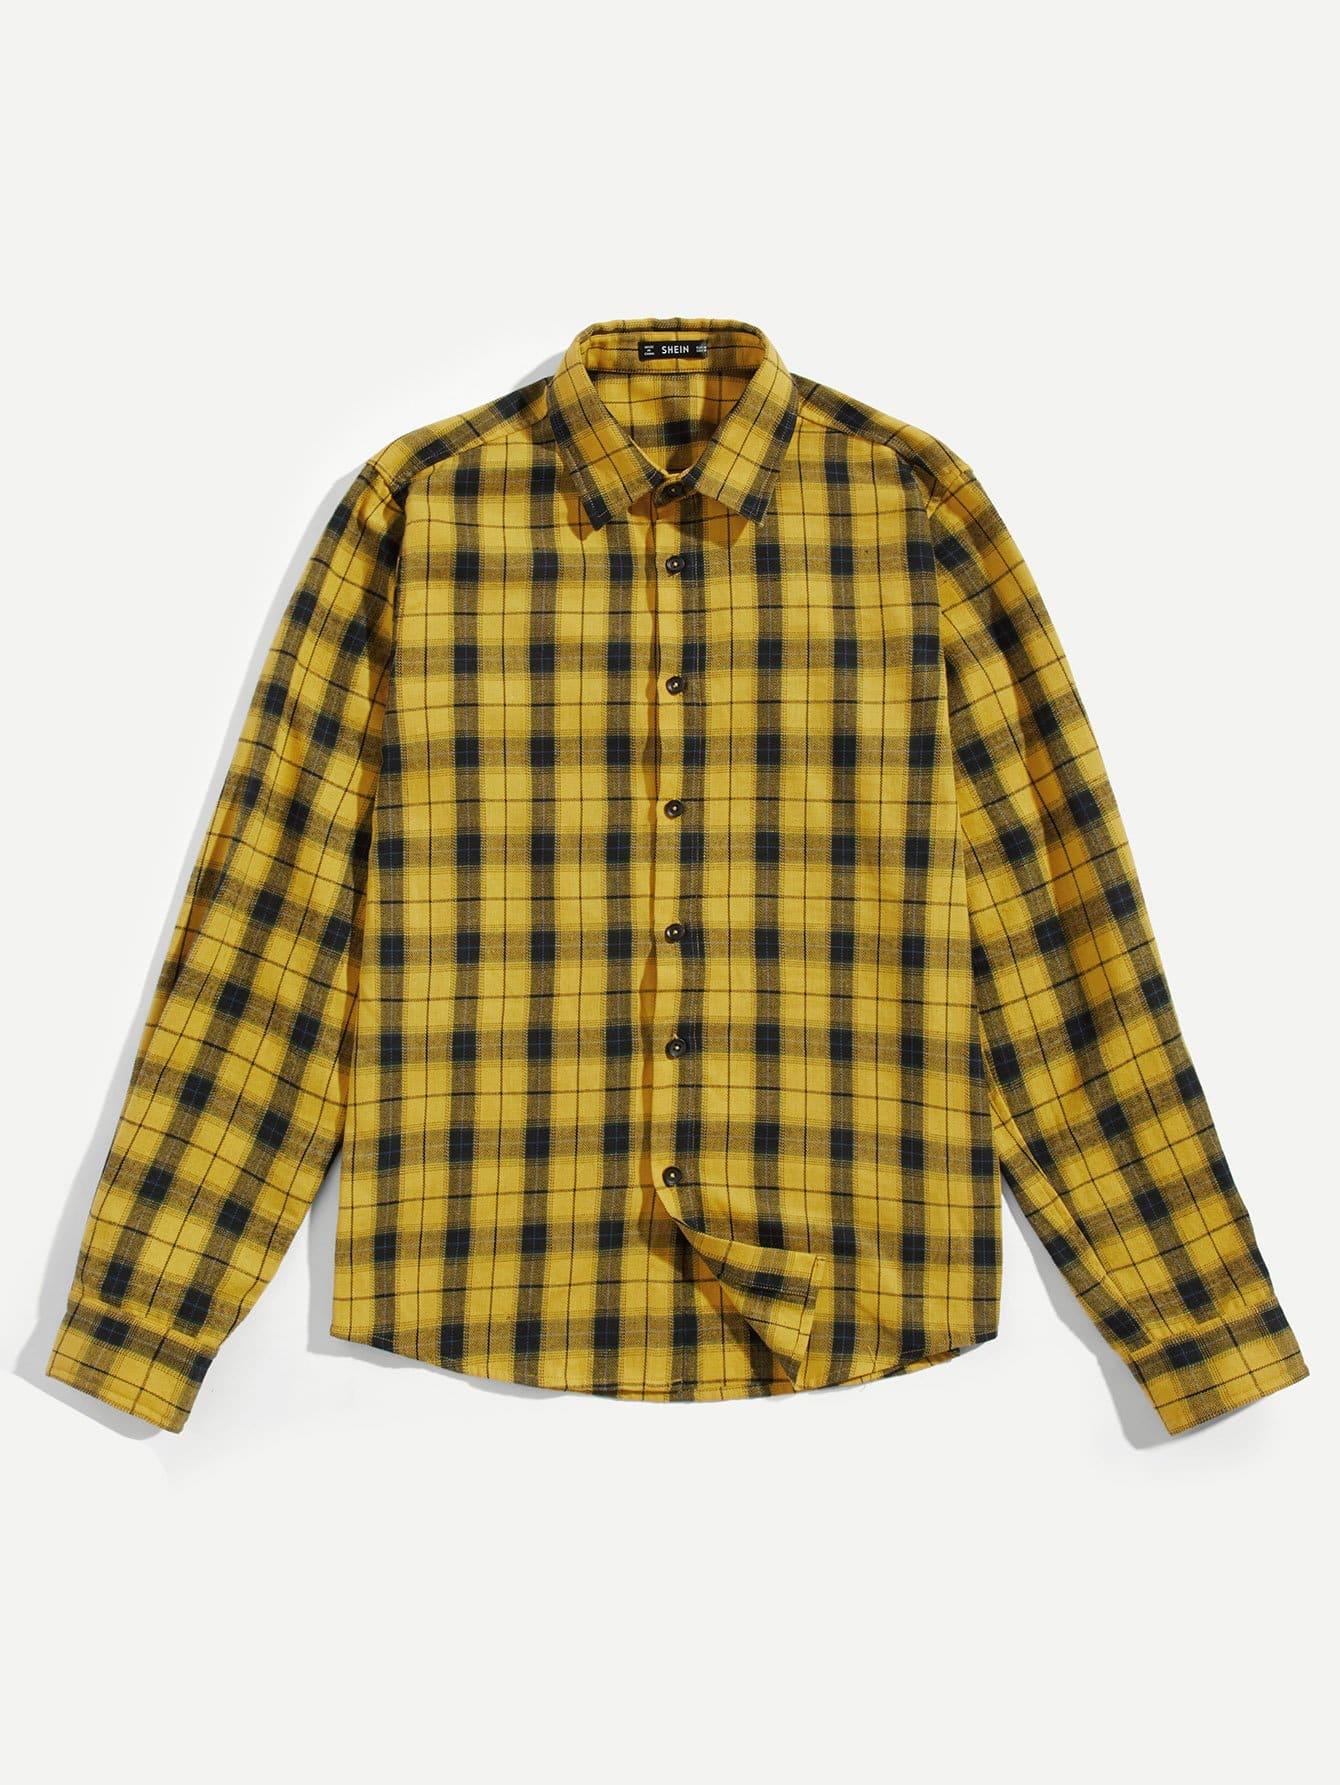 Купить Для мужчин рубашка в клетку с выгнутым подолом, null, SheIn